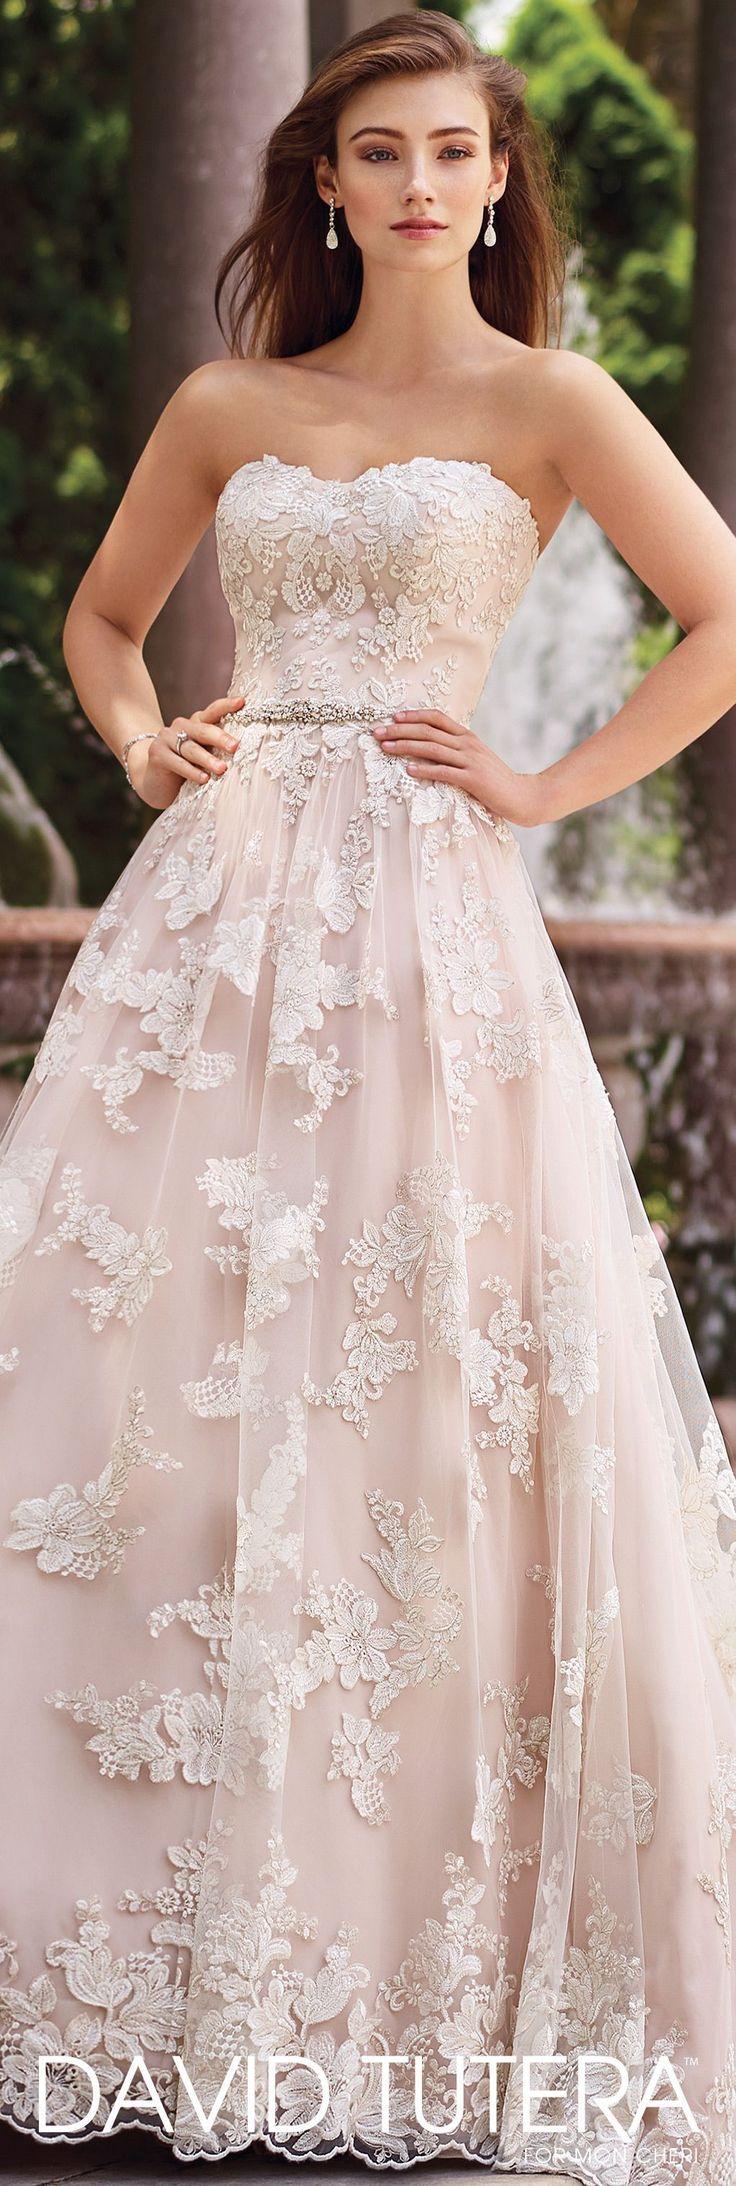 73 besten Hochzeitskleider | Brautkleider Bilder auf Pinterest ...